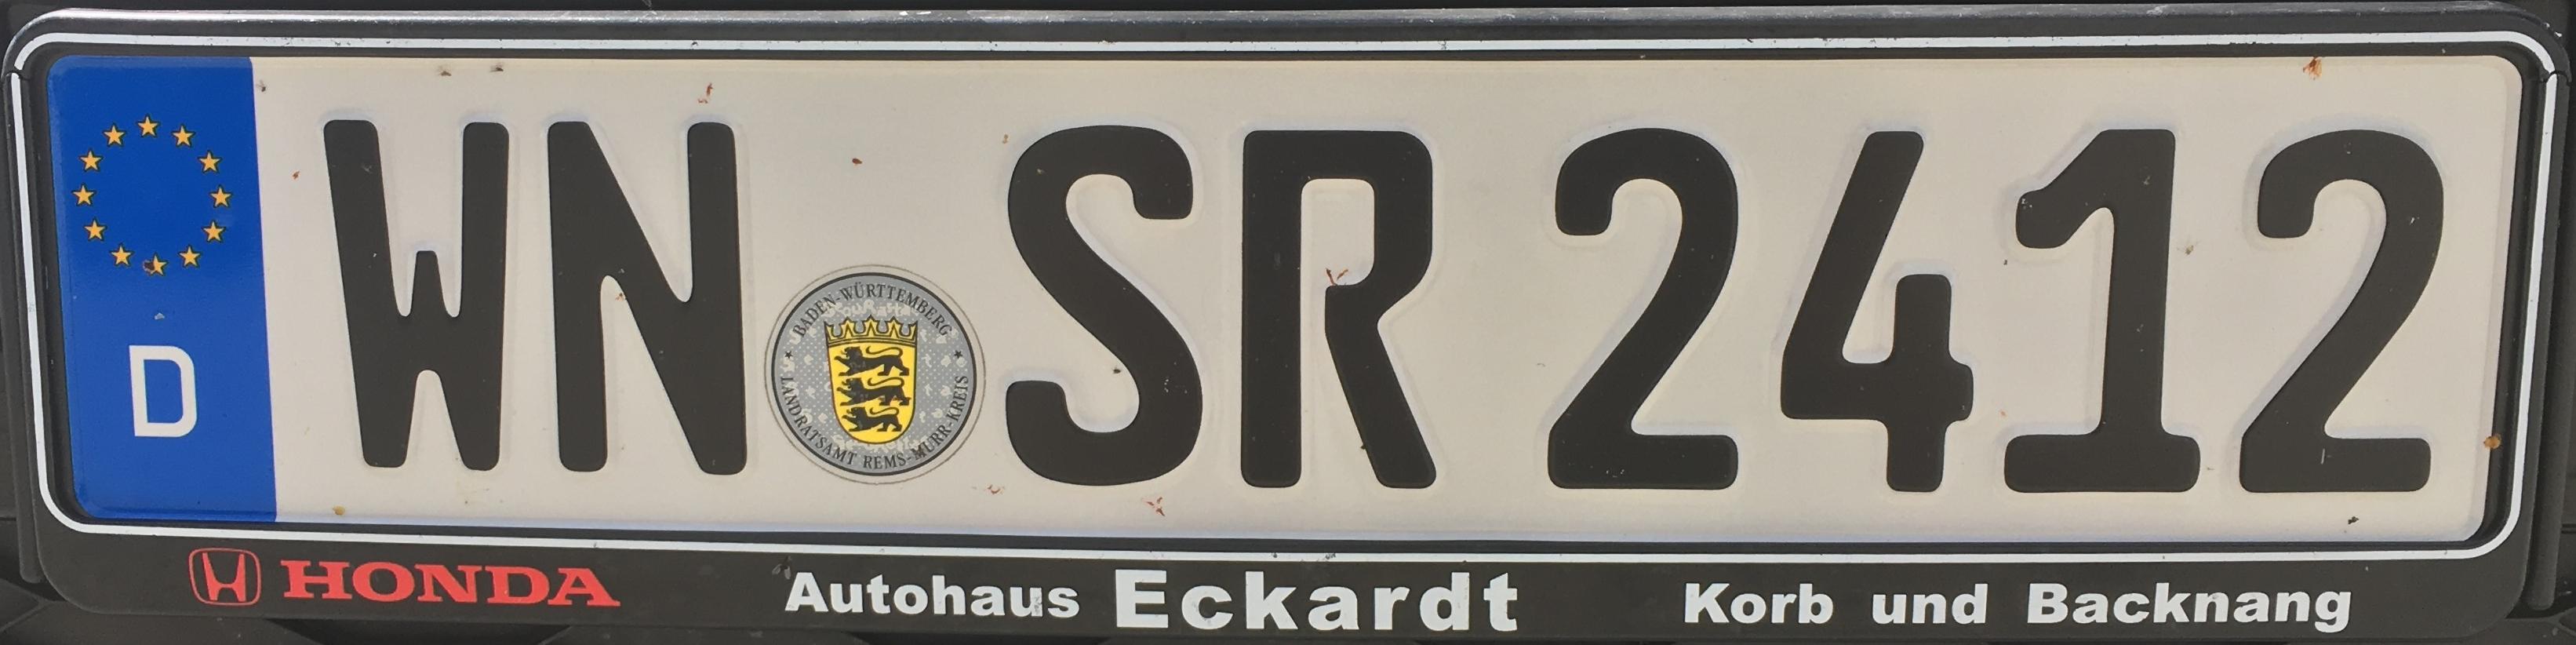 Registrační značky Německo - WN - Rems-Murr-Kreis, foto: www.podalnici.cz